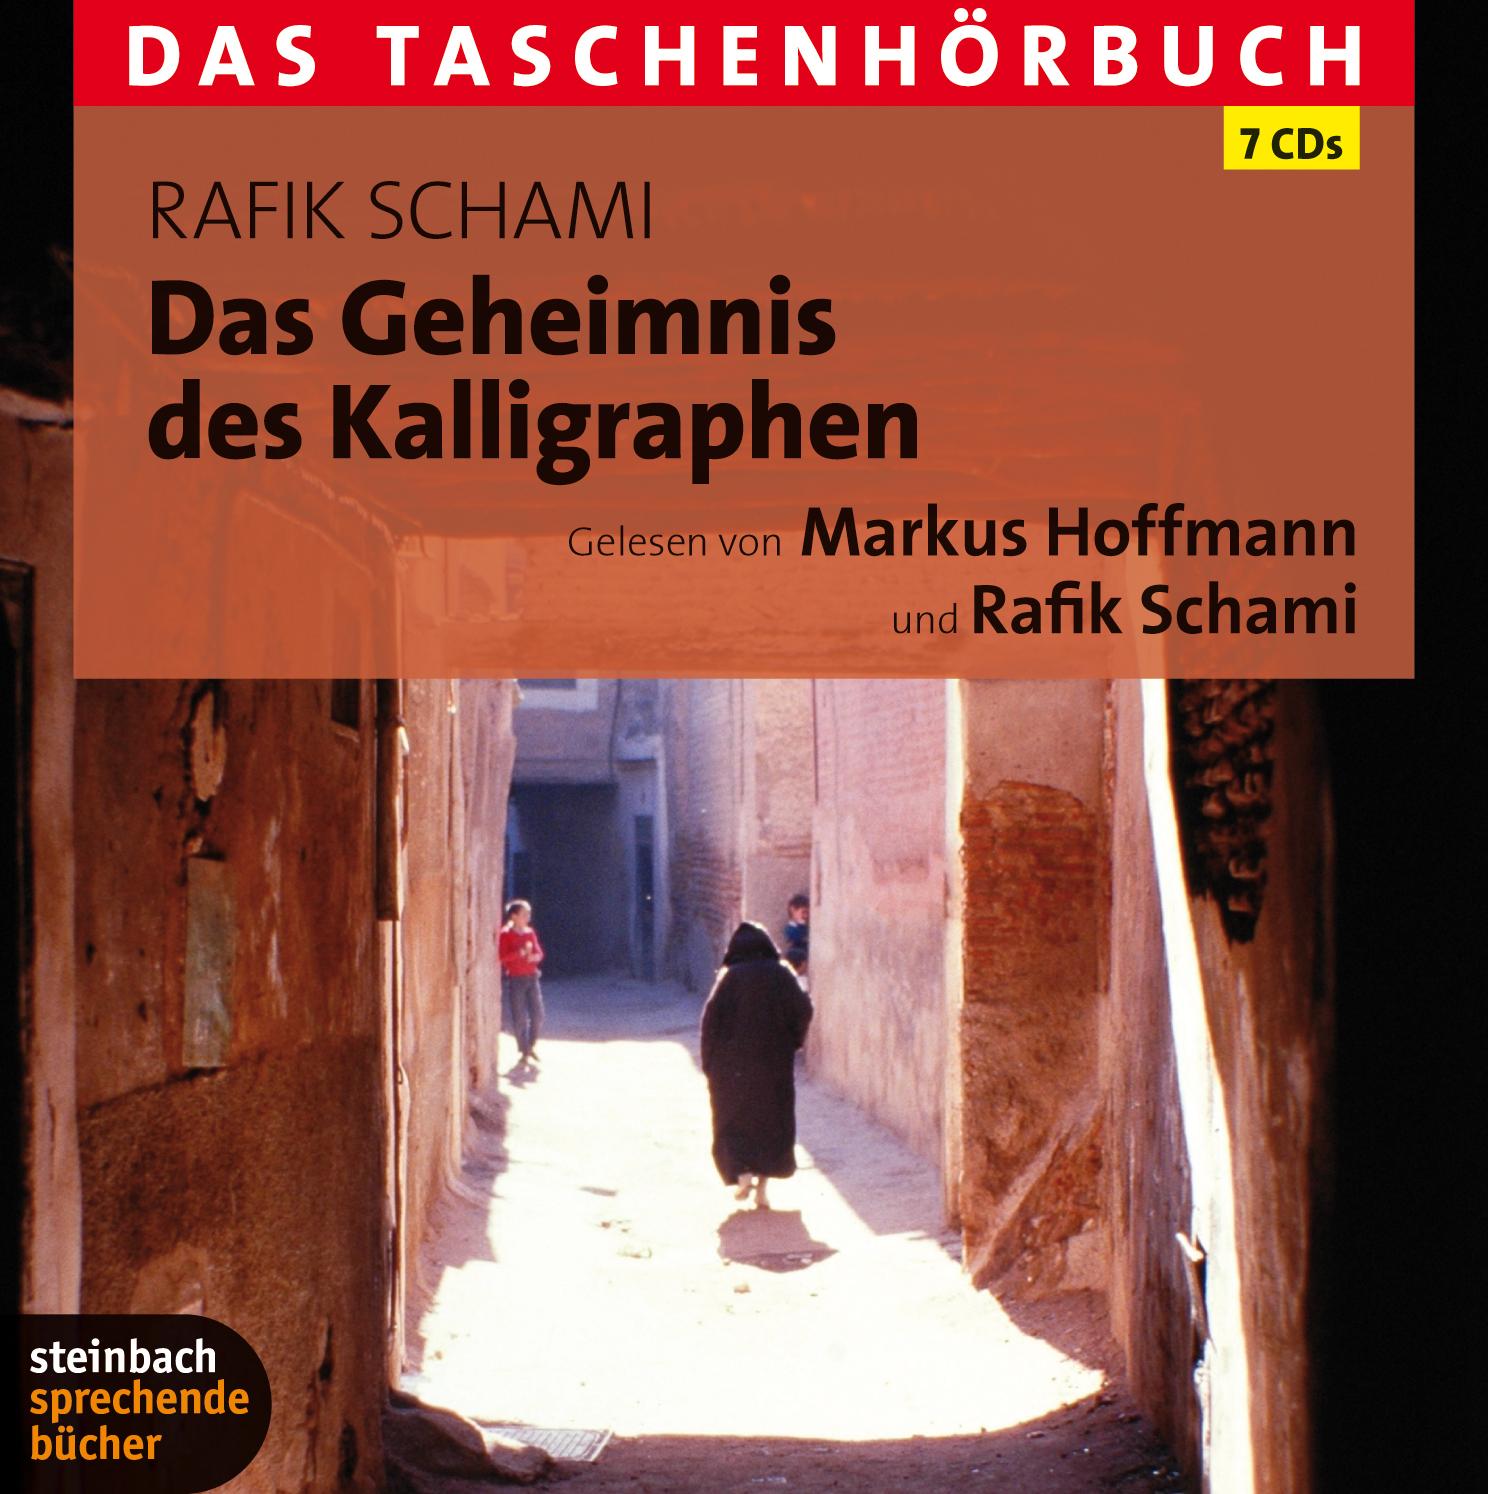 Das Geheimnis des Kalligraphen: Das Taschenhörbuch. 7 CDs - Rafik Schami